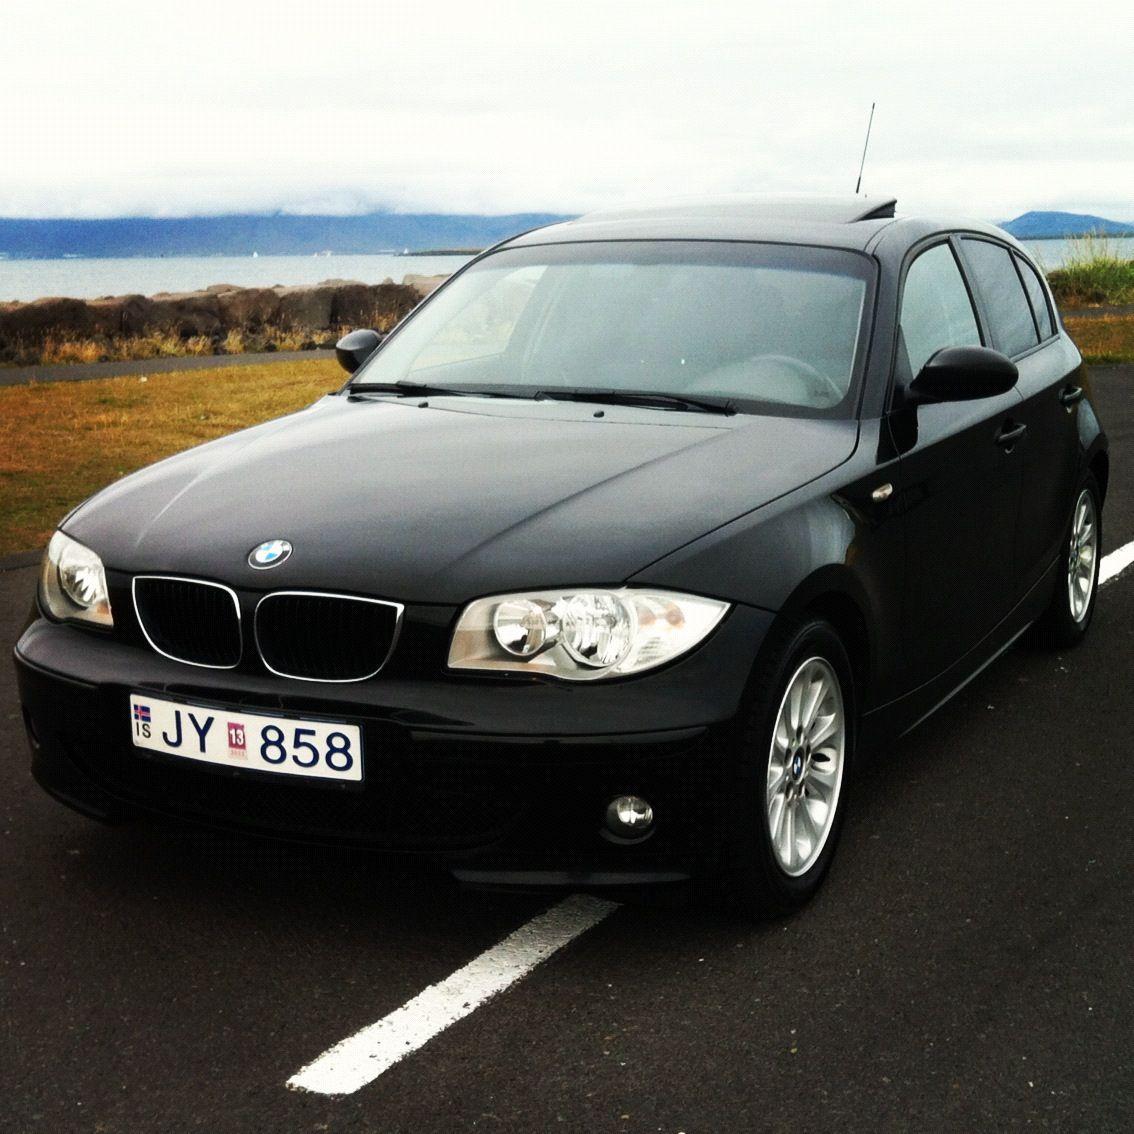 Bmw 120d: Bmw, Car, Cars